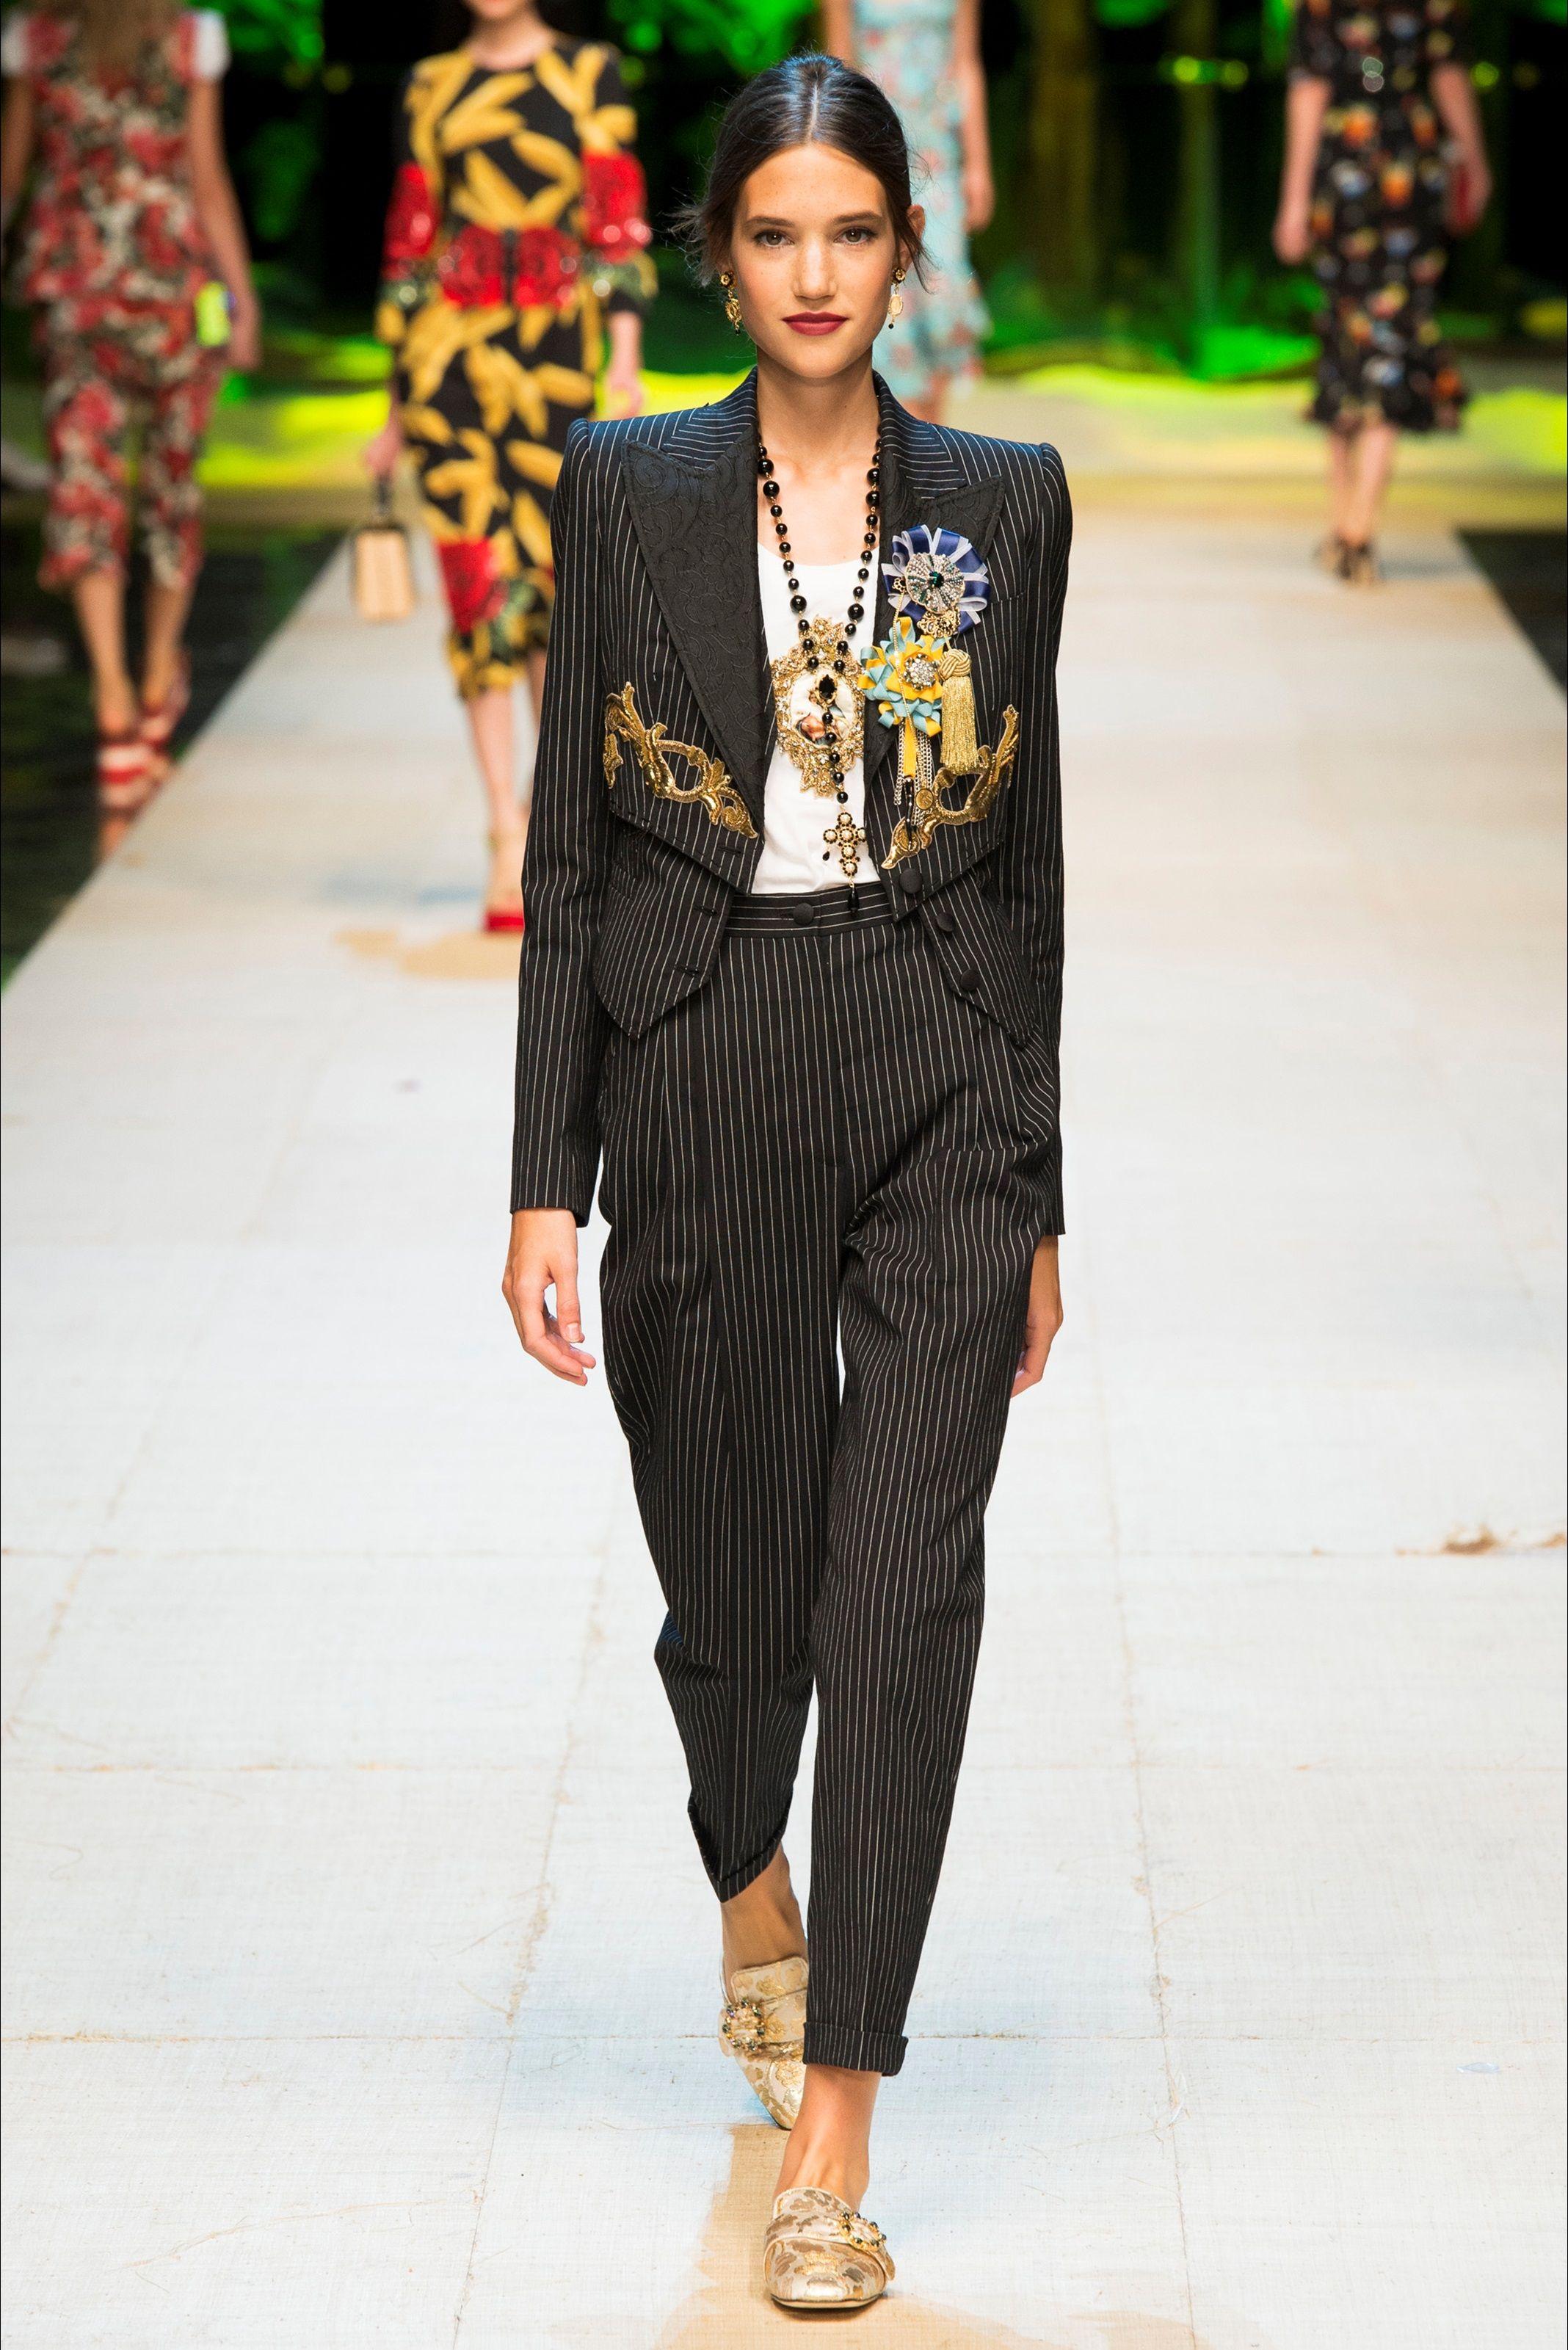 Sfilata Dolce   Gabbana Milano - Collezioni Primavera Estate 2017 - Vogue 5623a448016